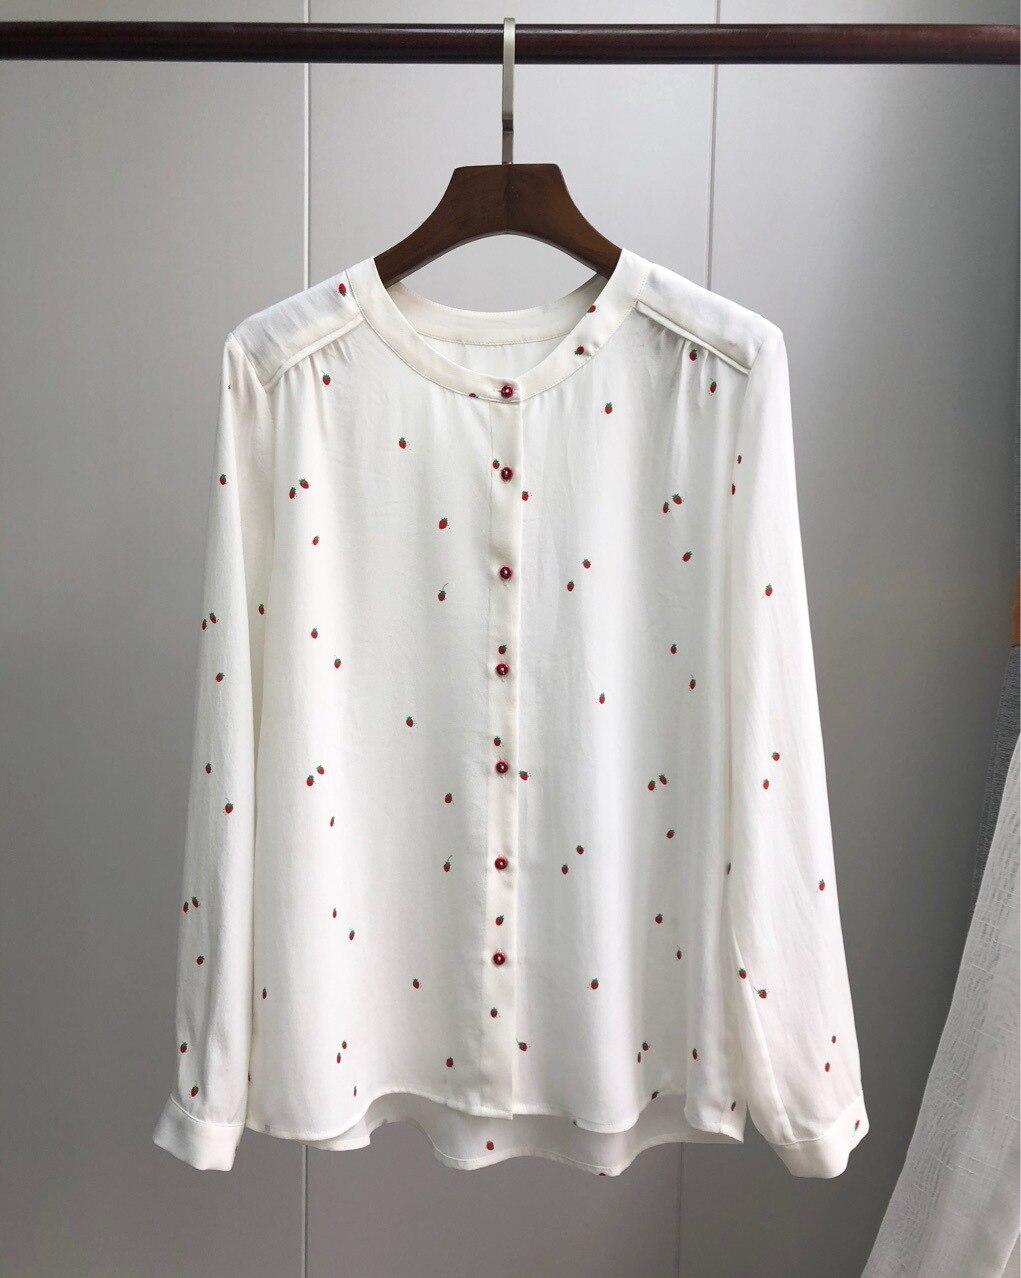 De manga larga de camisa de seda 2019 de primavera francés cariño marca fresco y agradable lavado de arena de seda Camisas de mujer-in Blusas y camisas from Ropa de mujer    1